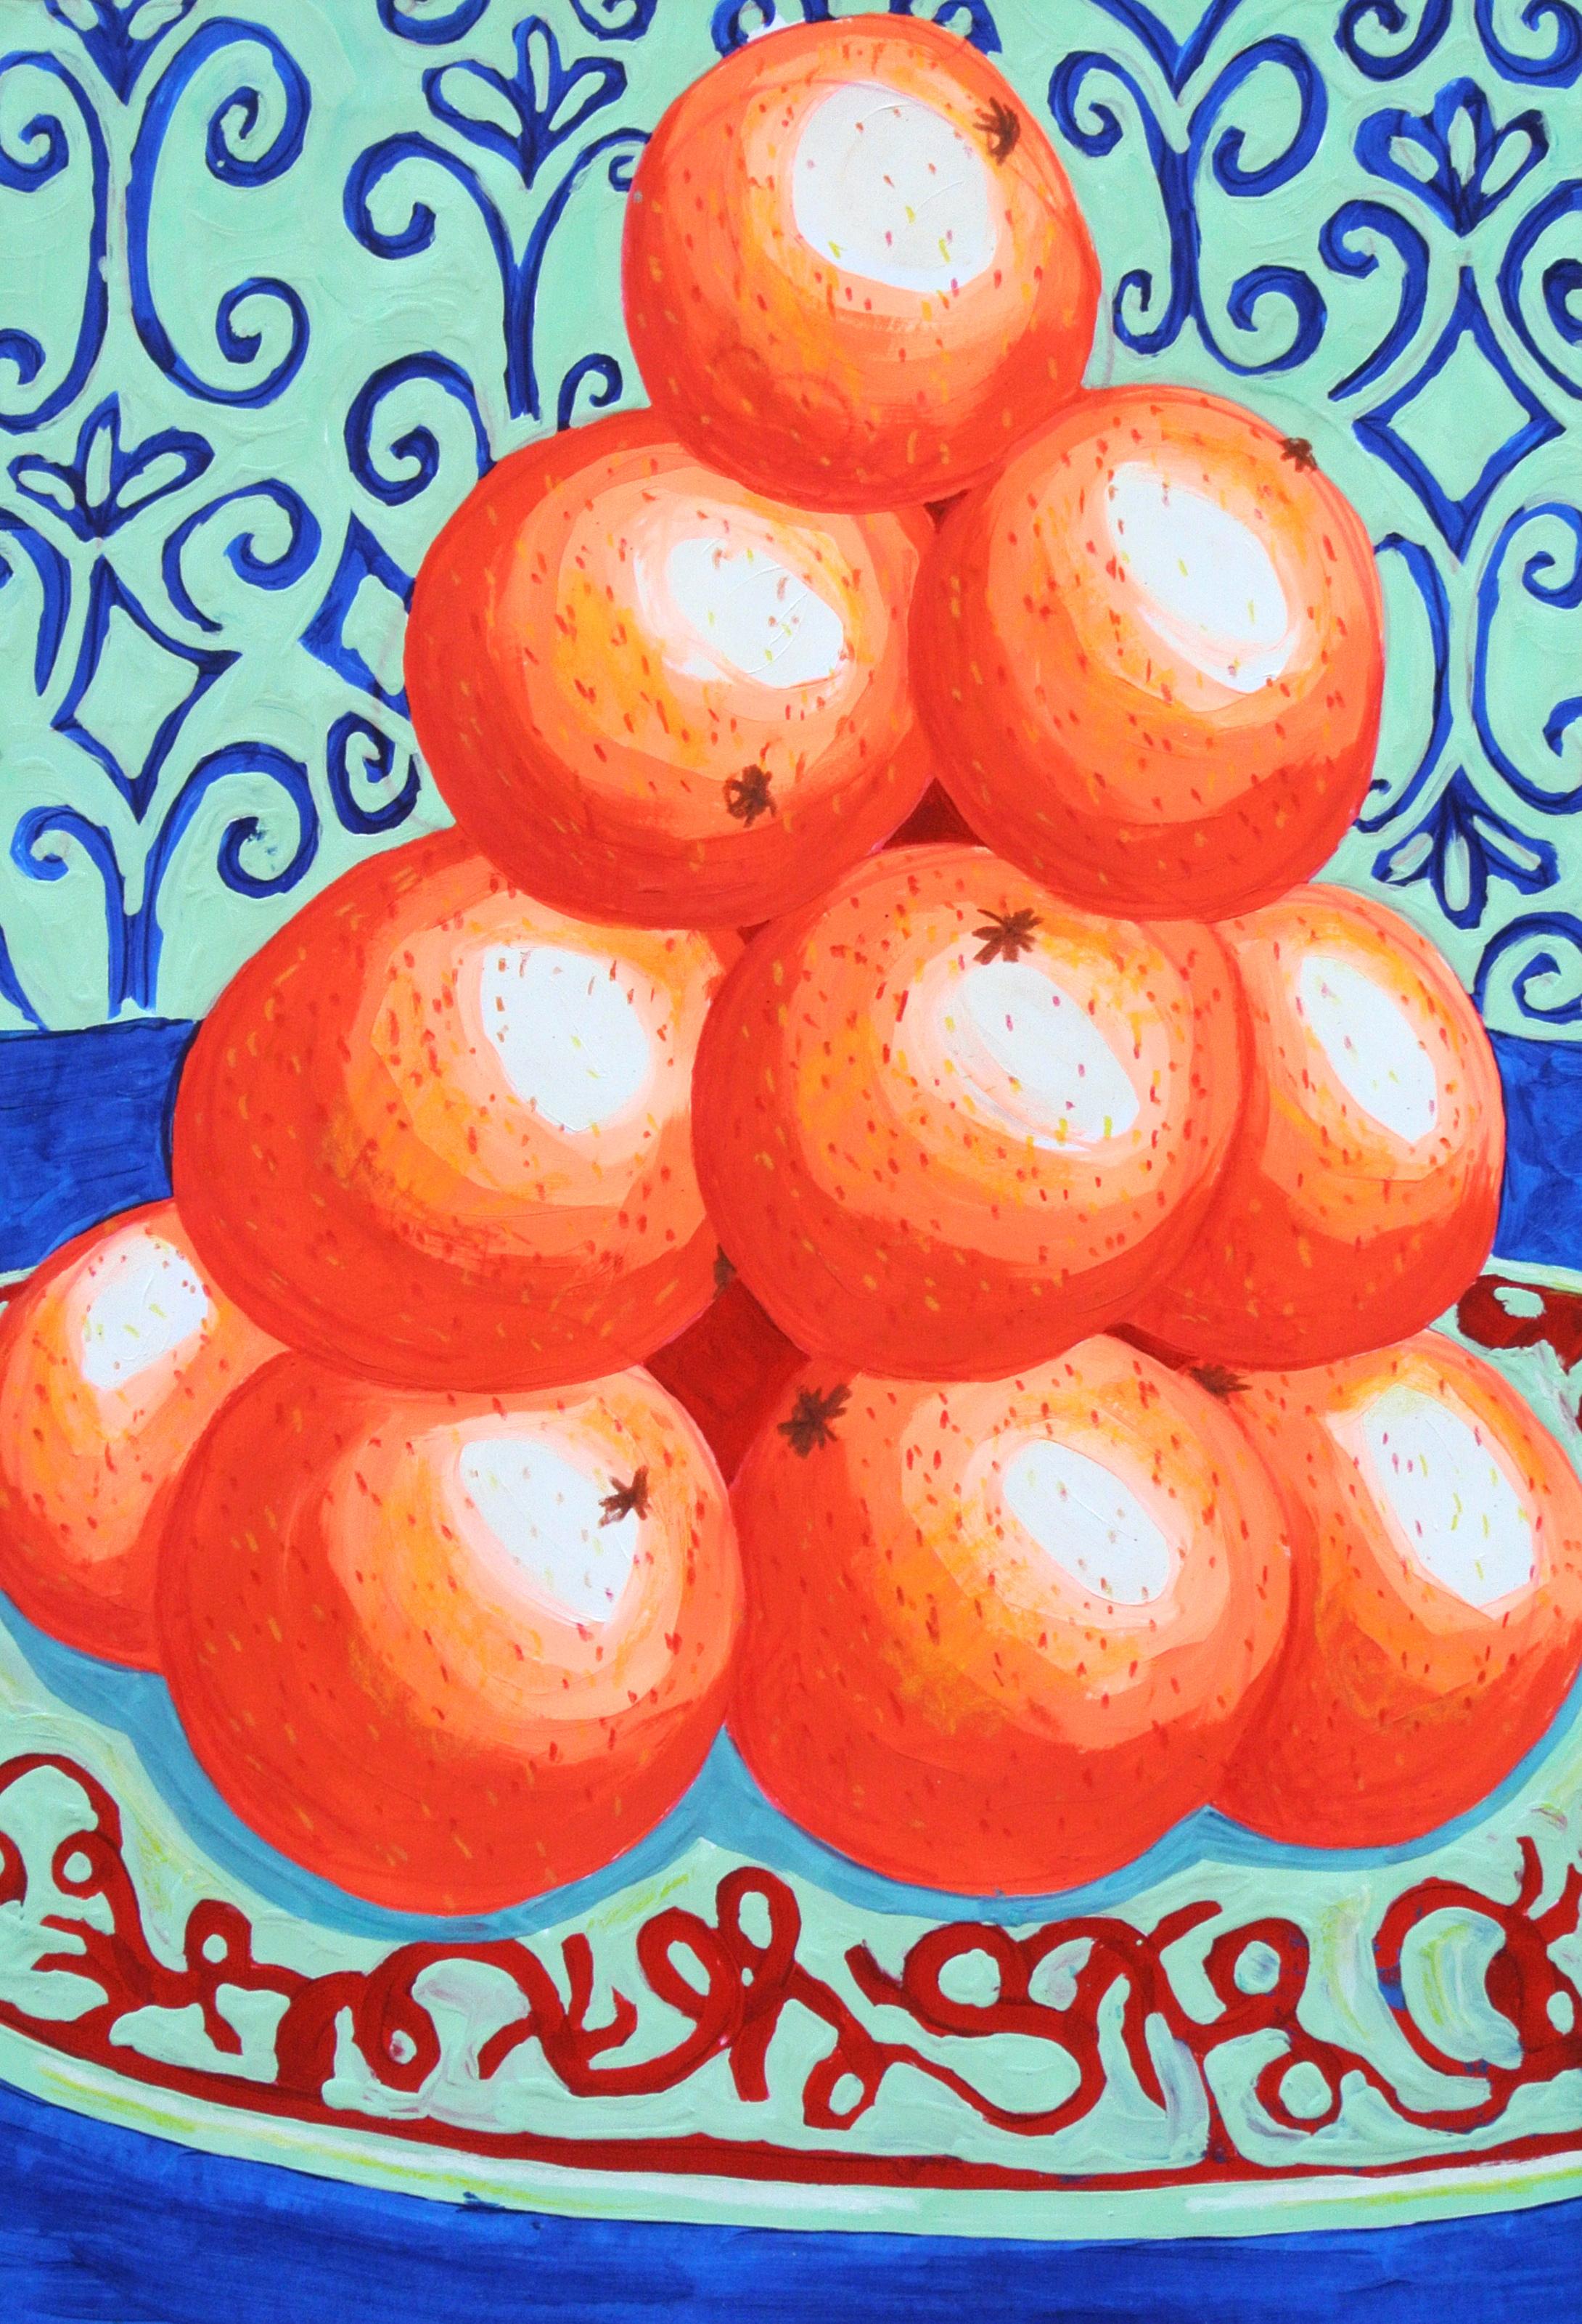 The Oranges 50 x 64.5 cm